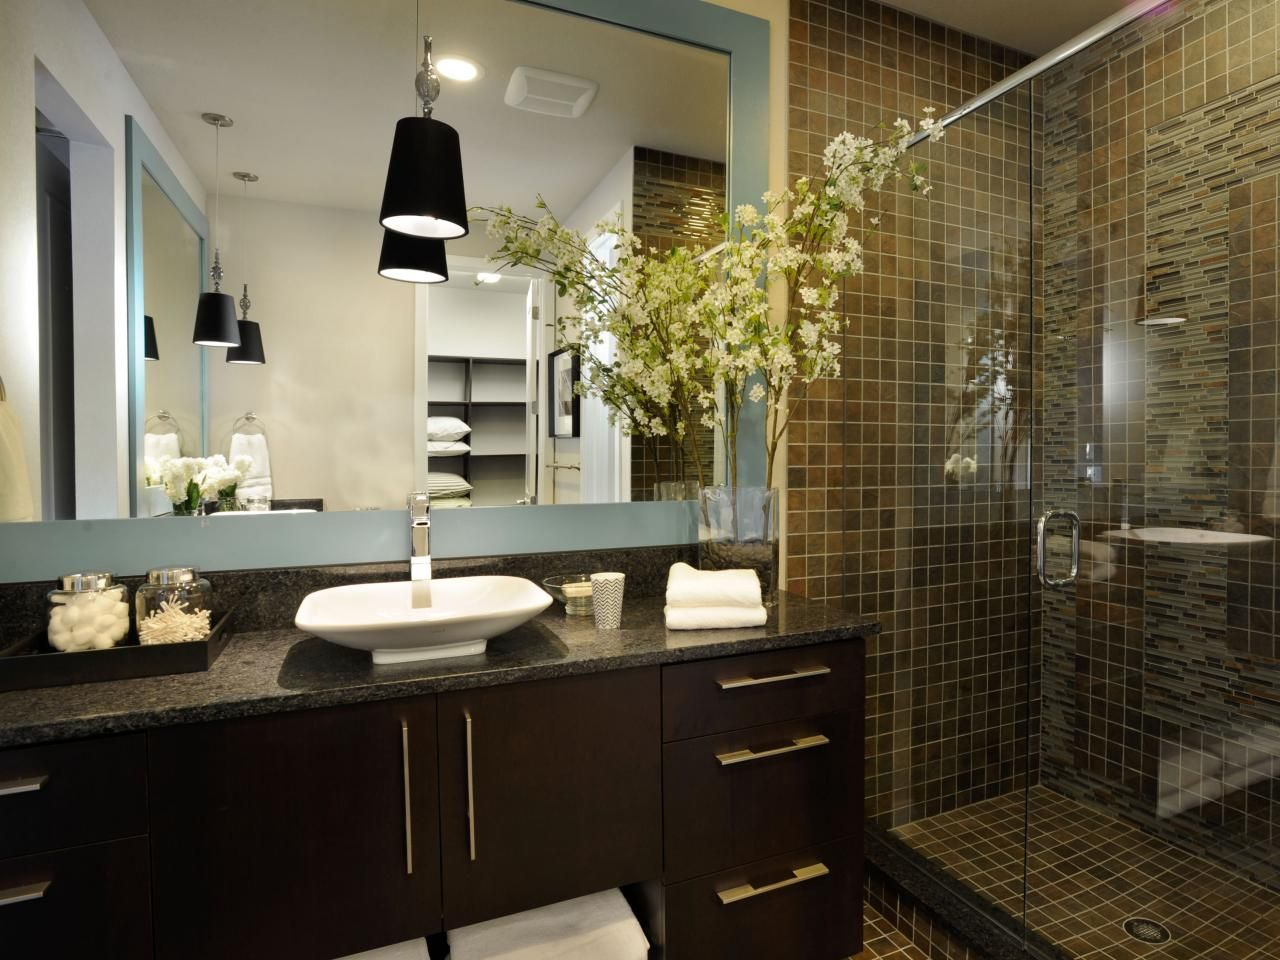 Badezimmer Dekor Ideen  Mehr auf unserer Website  Wenn es um die